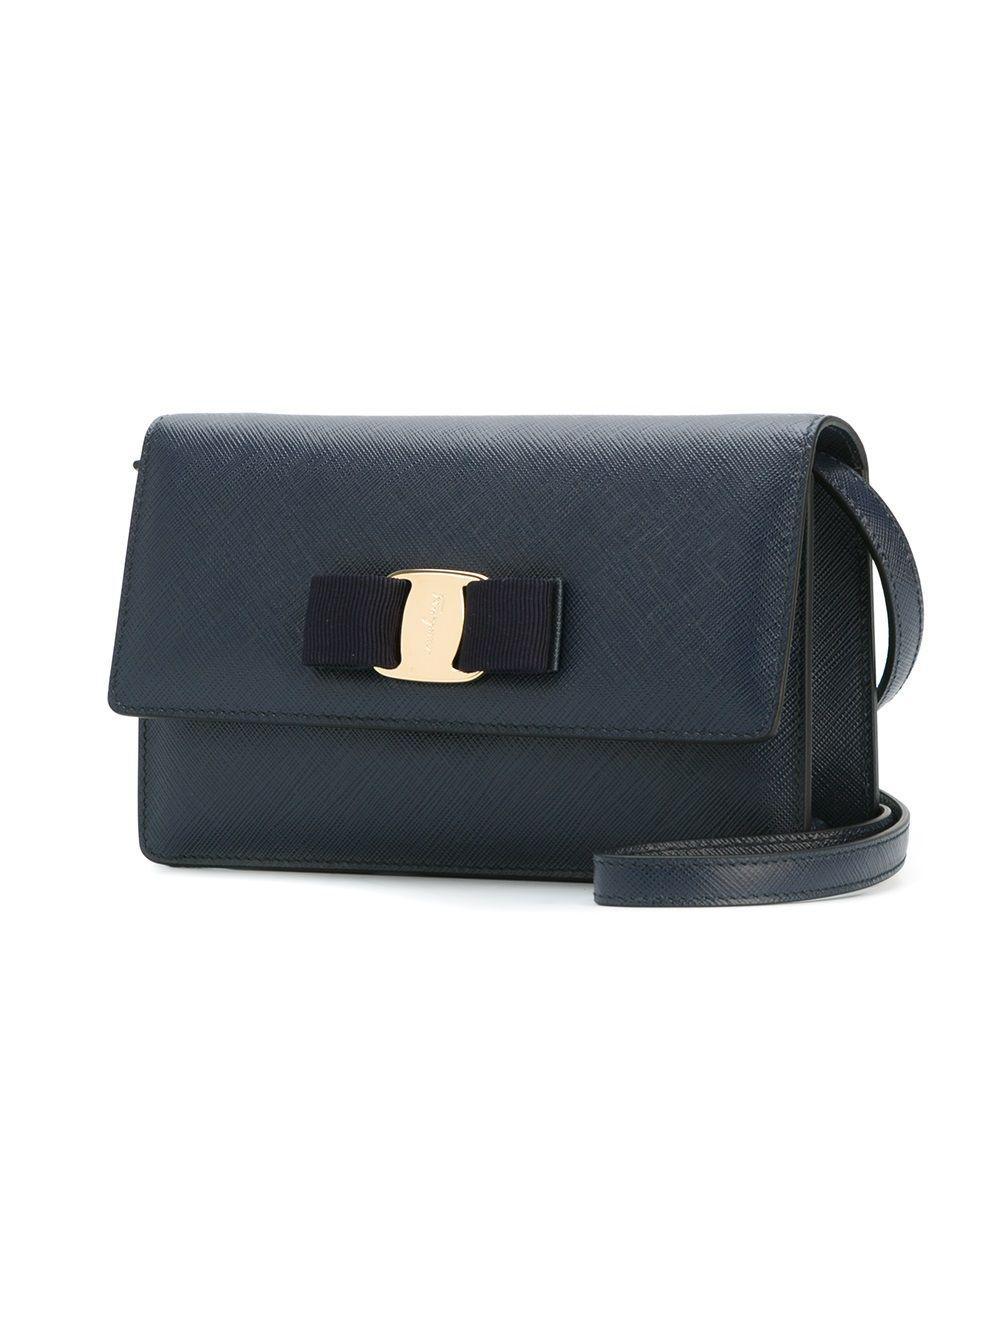 Ferragamo Leather 'ginny' Crossbody Bag in Blue (Black)